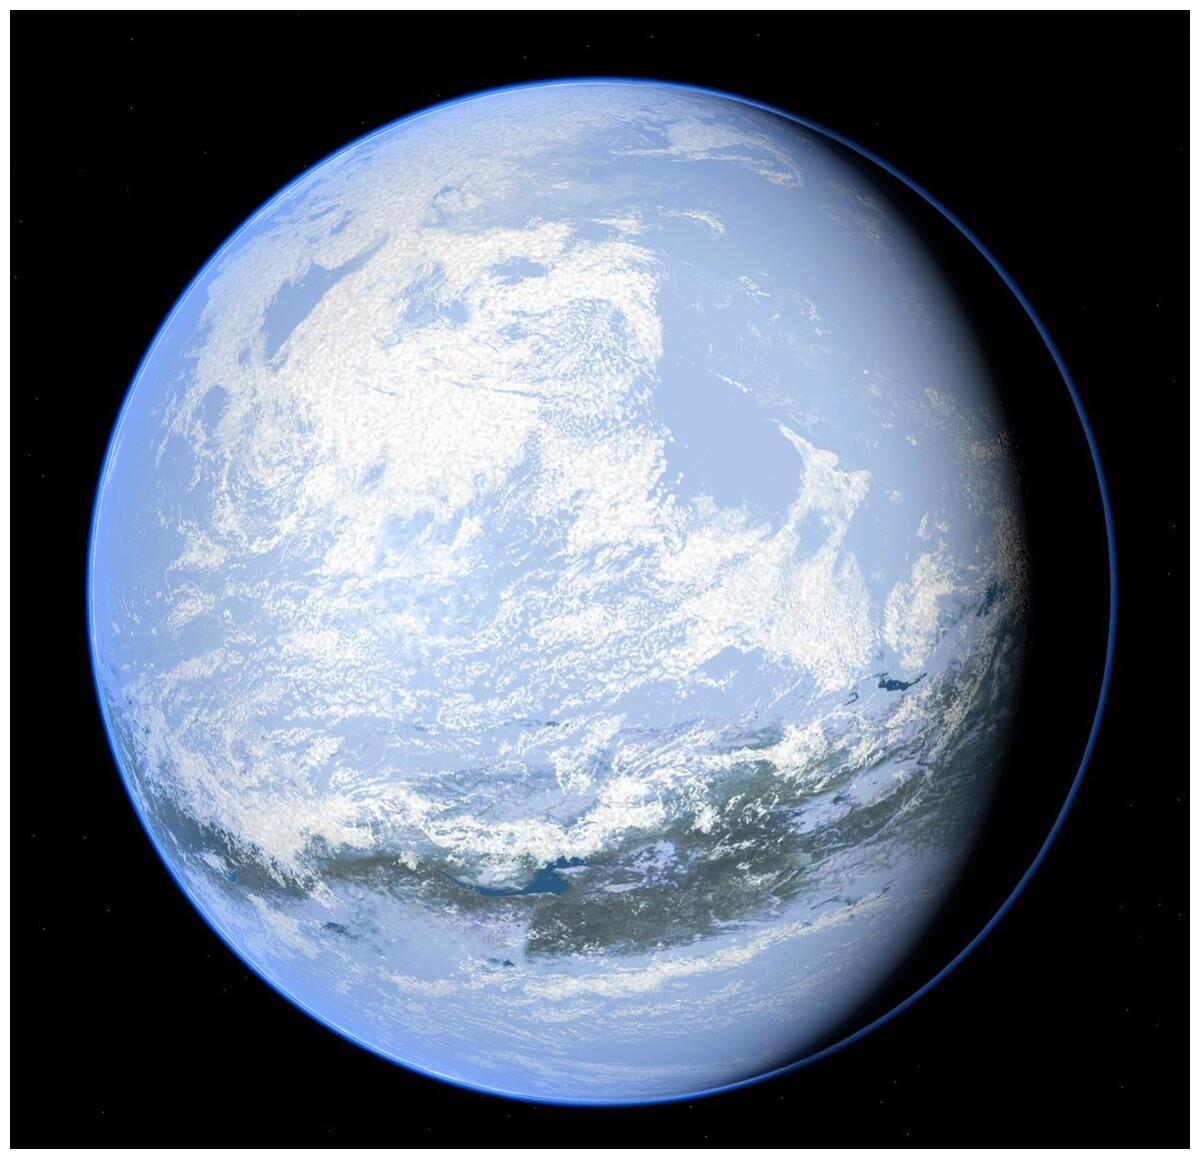 冰河世纪再次循环,已经发生过7次,我们正处于末尾!